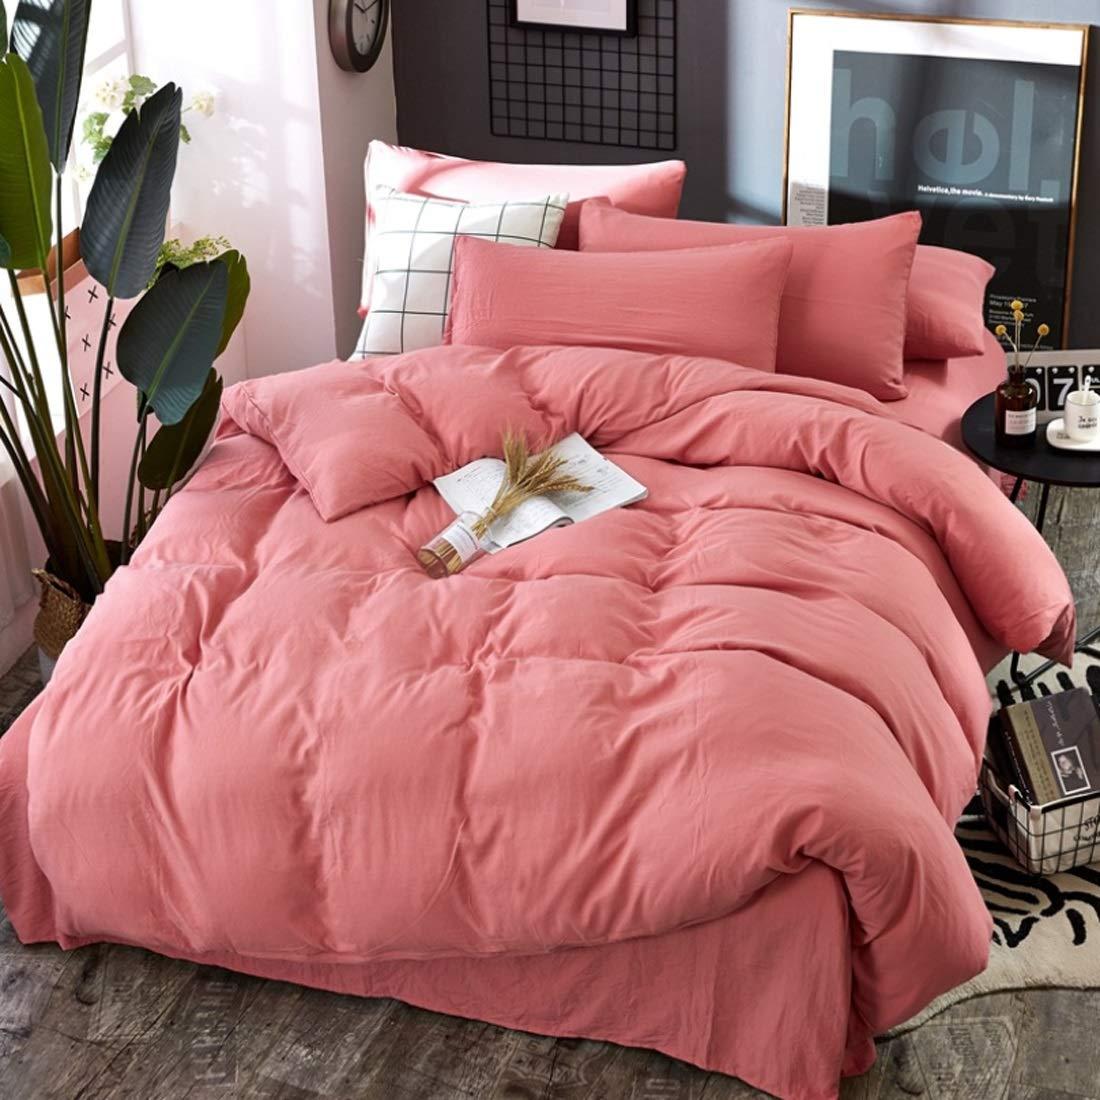 LilyAngel ホームインテリアに適した4つのコットンハイグレード高密度ブラッシングベッドリネンピローケースのベッドのベッドセットの4つのセット (Color : ピンク, サイズ : 150*200CM) B07NC5CX48 ピンク 150*200CM